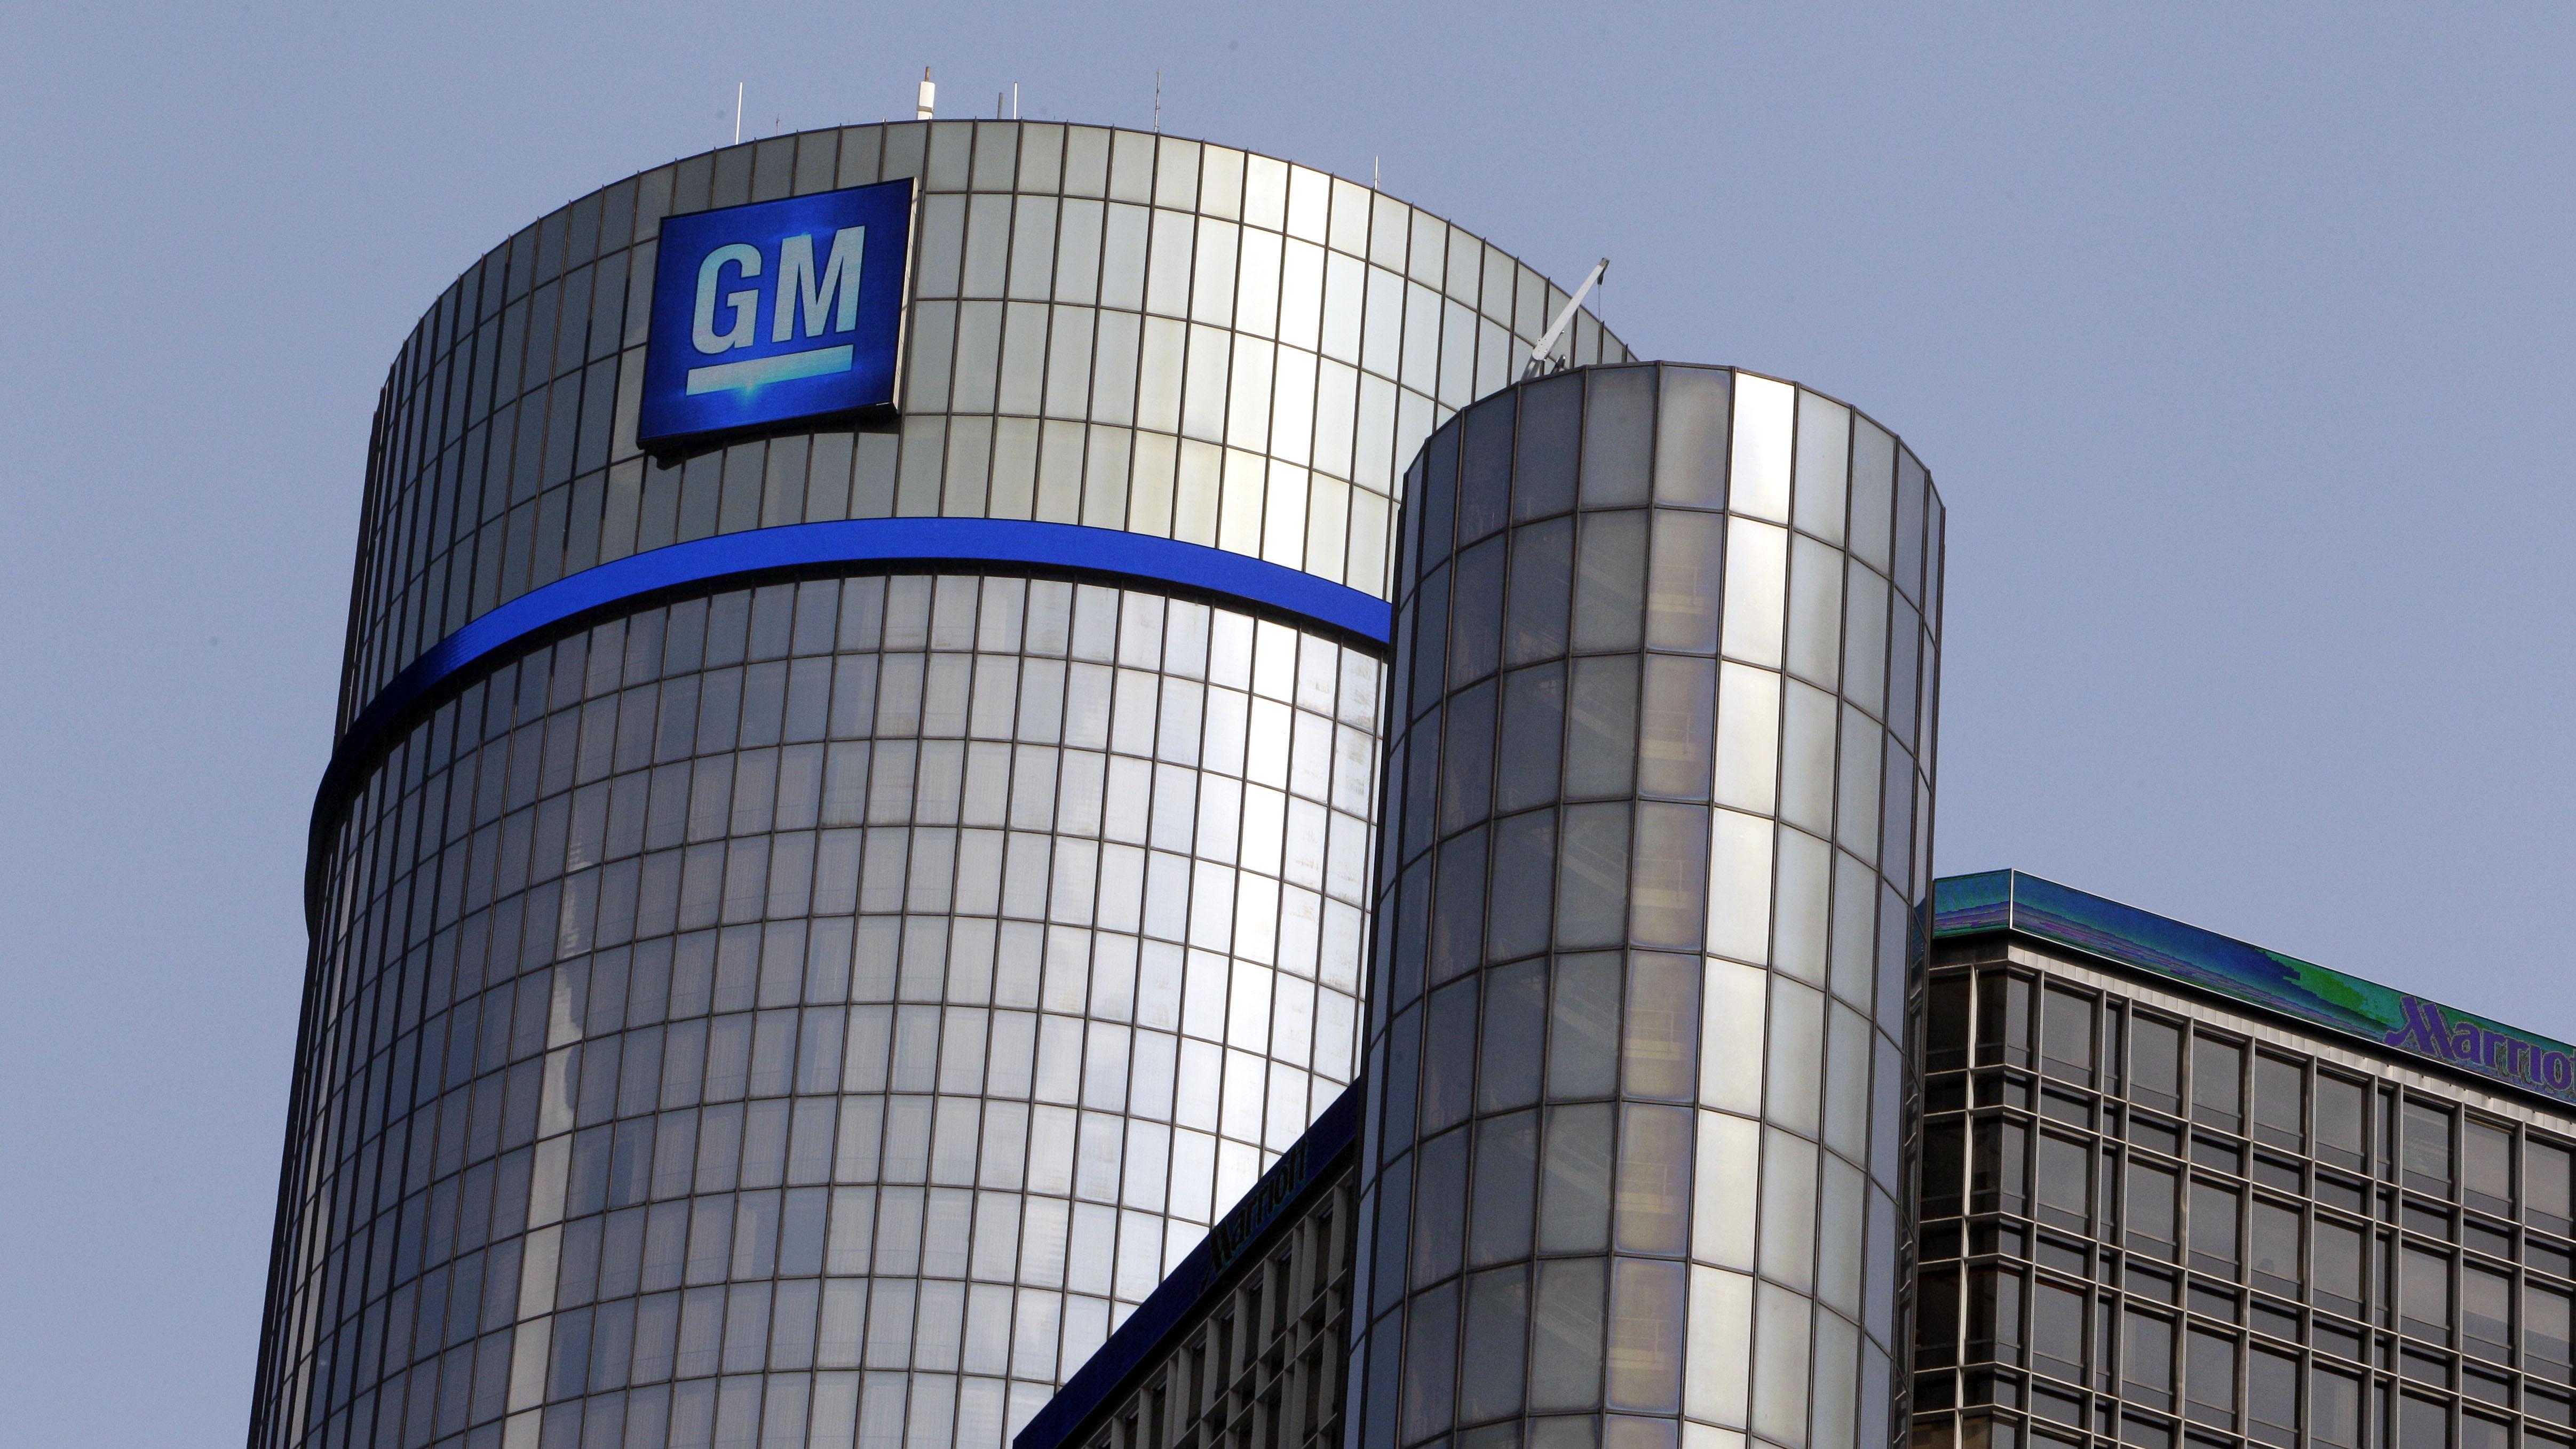 GM reporta utilidad neta de $2.9 mil millones de dólares